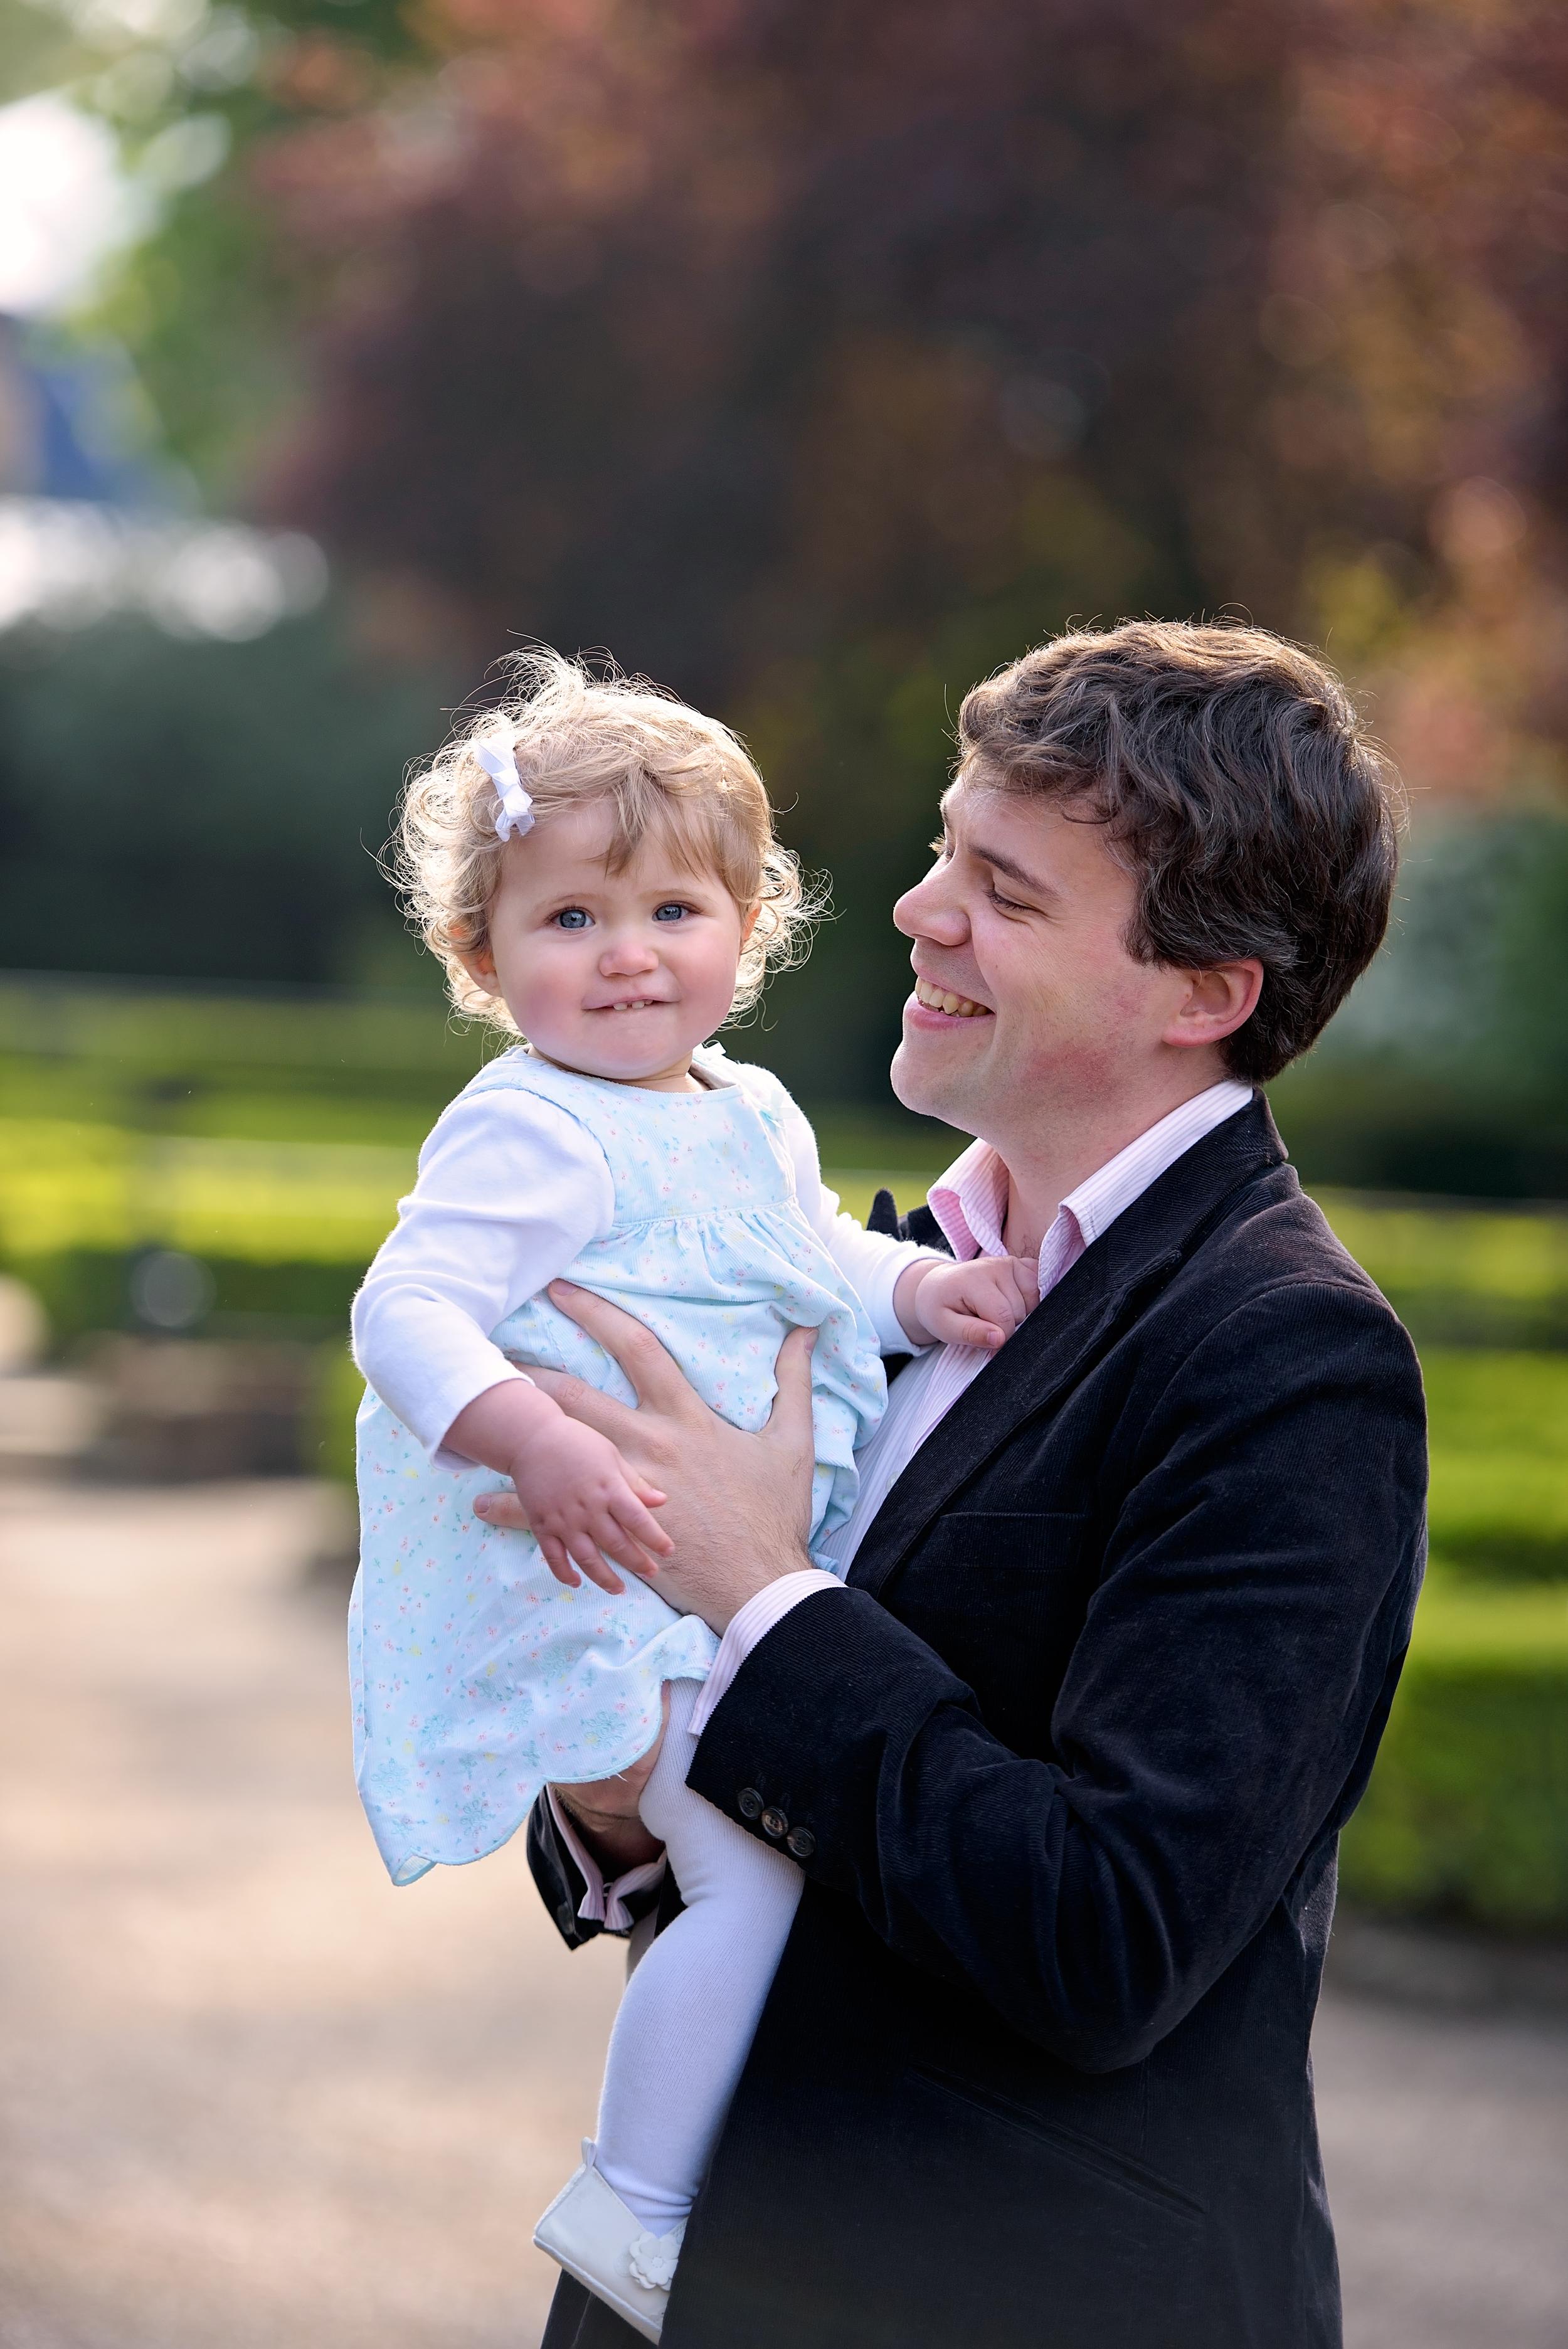 London family portrait photographer, Kensington